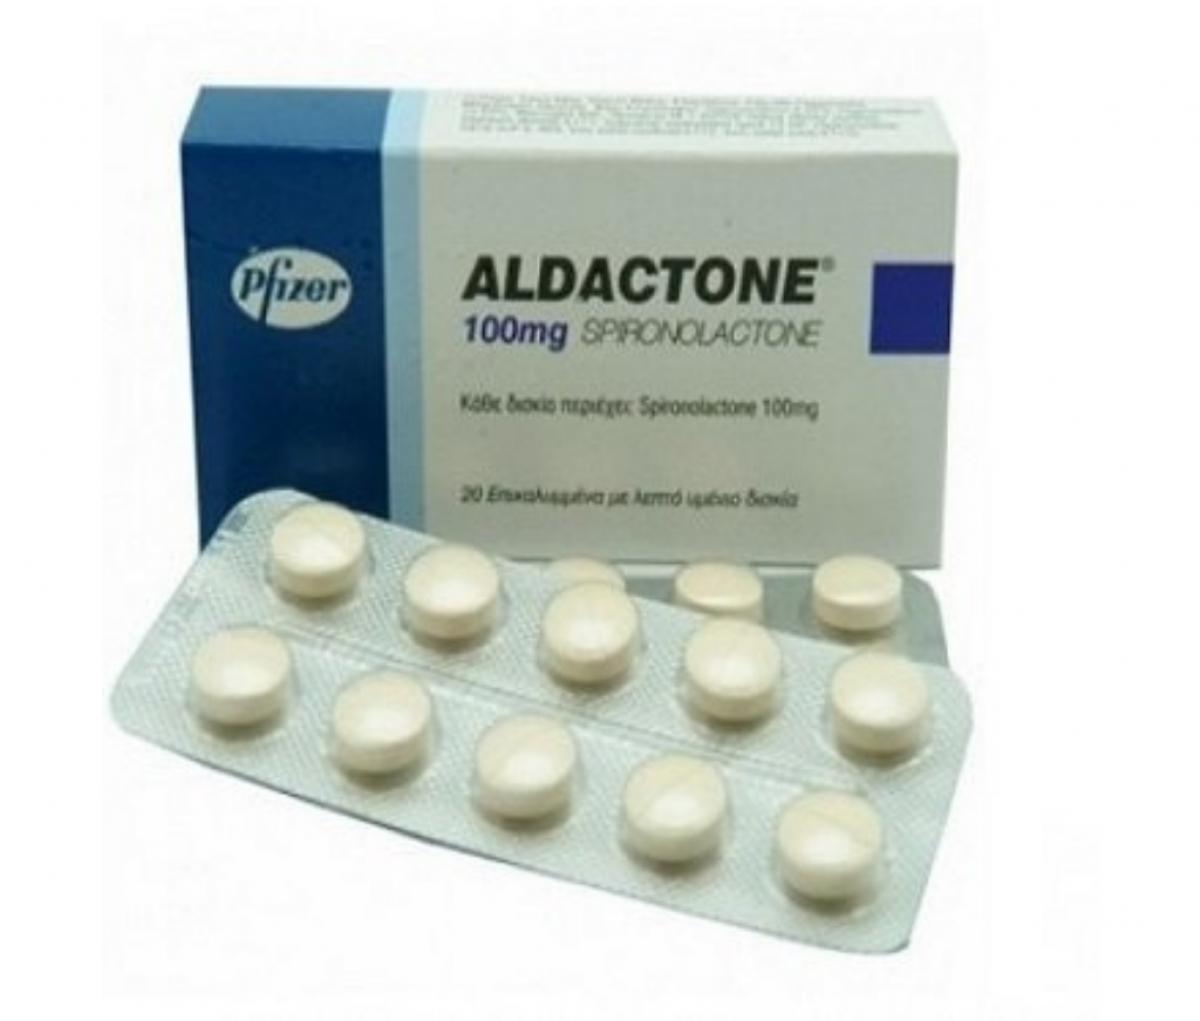 Aldactone 100mg IP Tablet